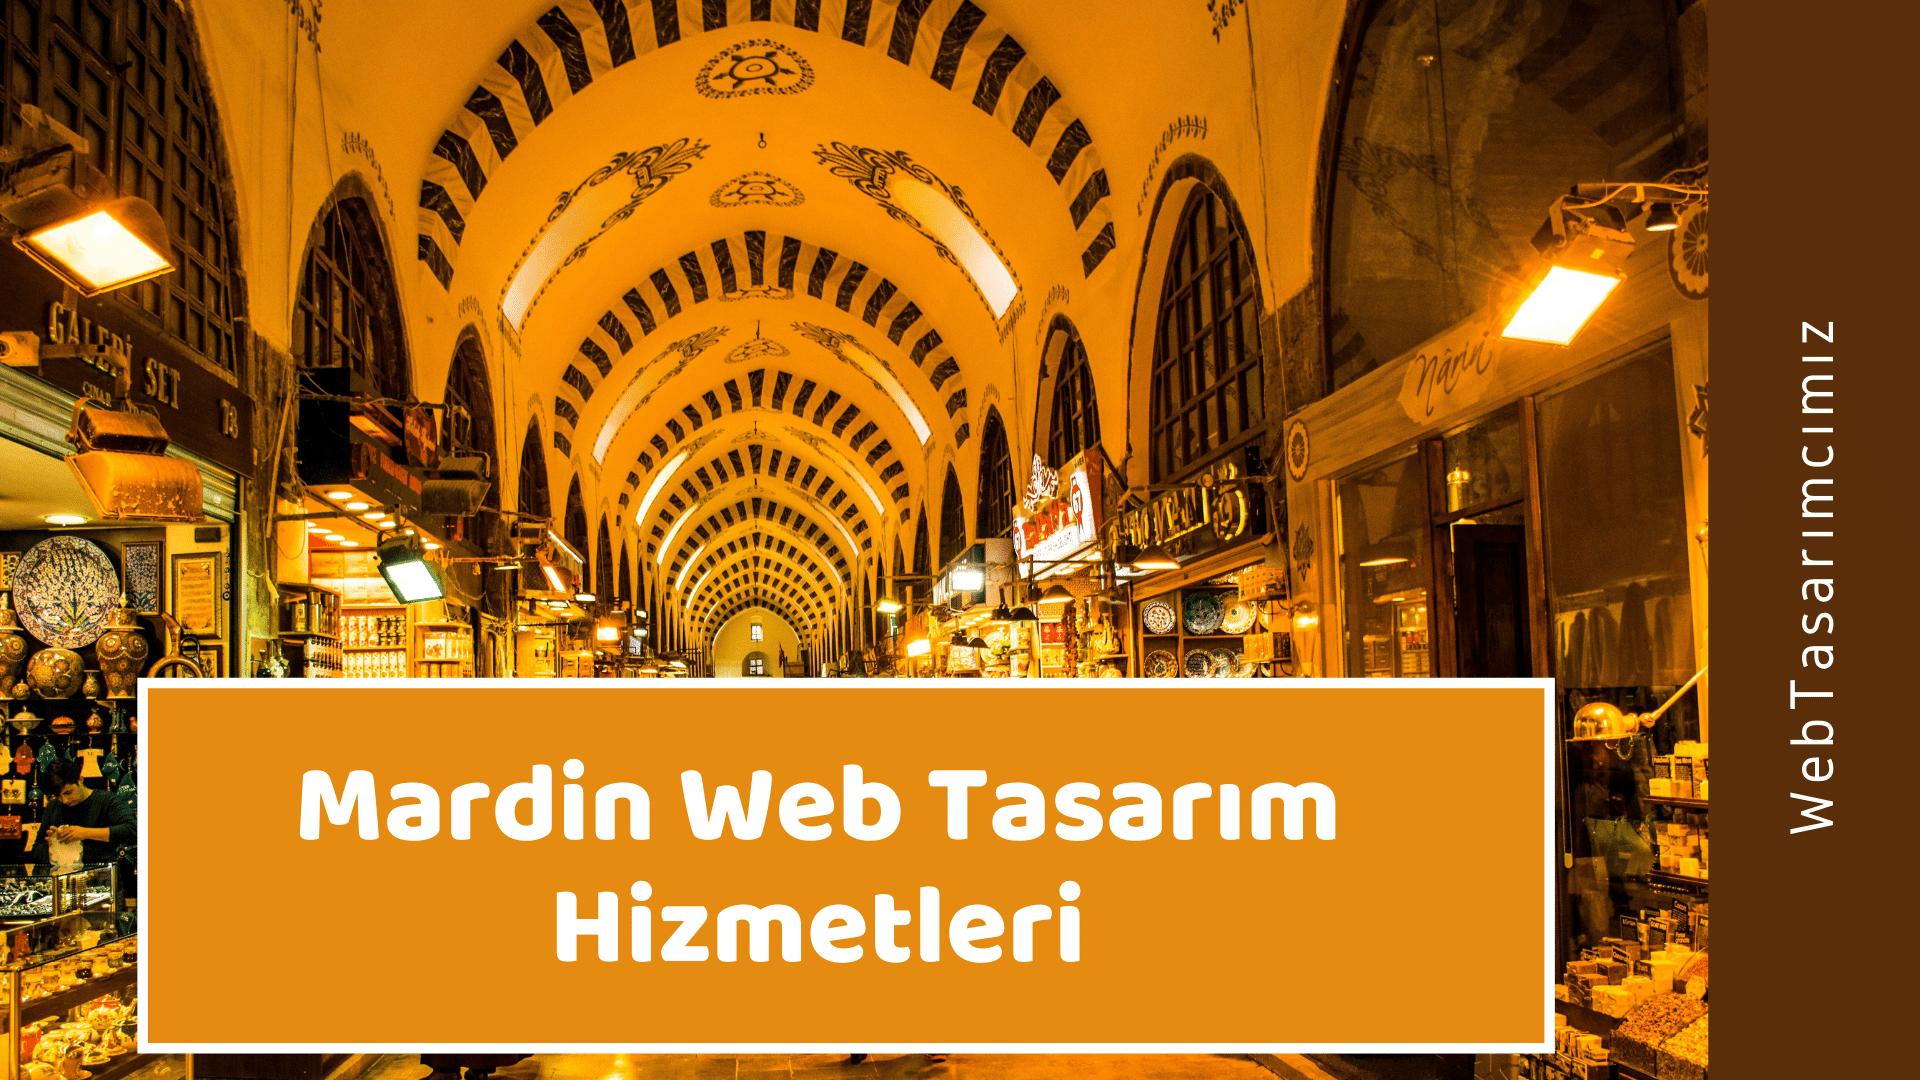 Mardin Web Tasarım Hizmetleri